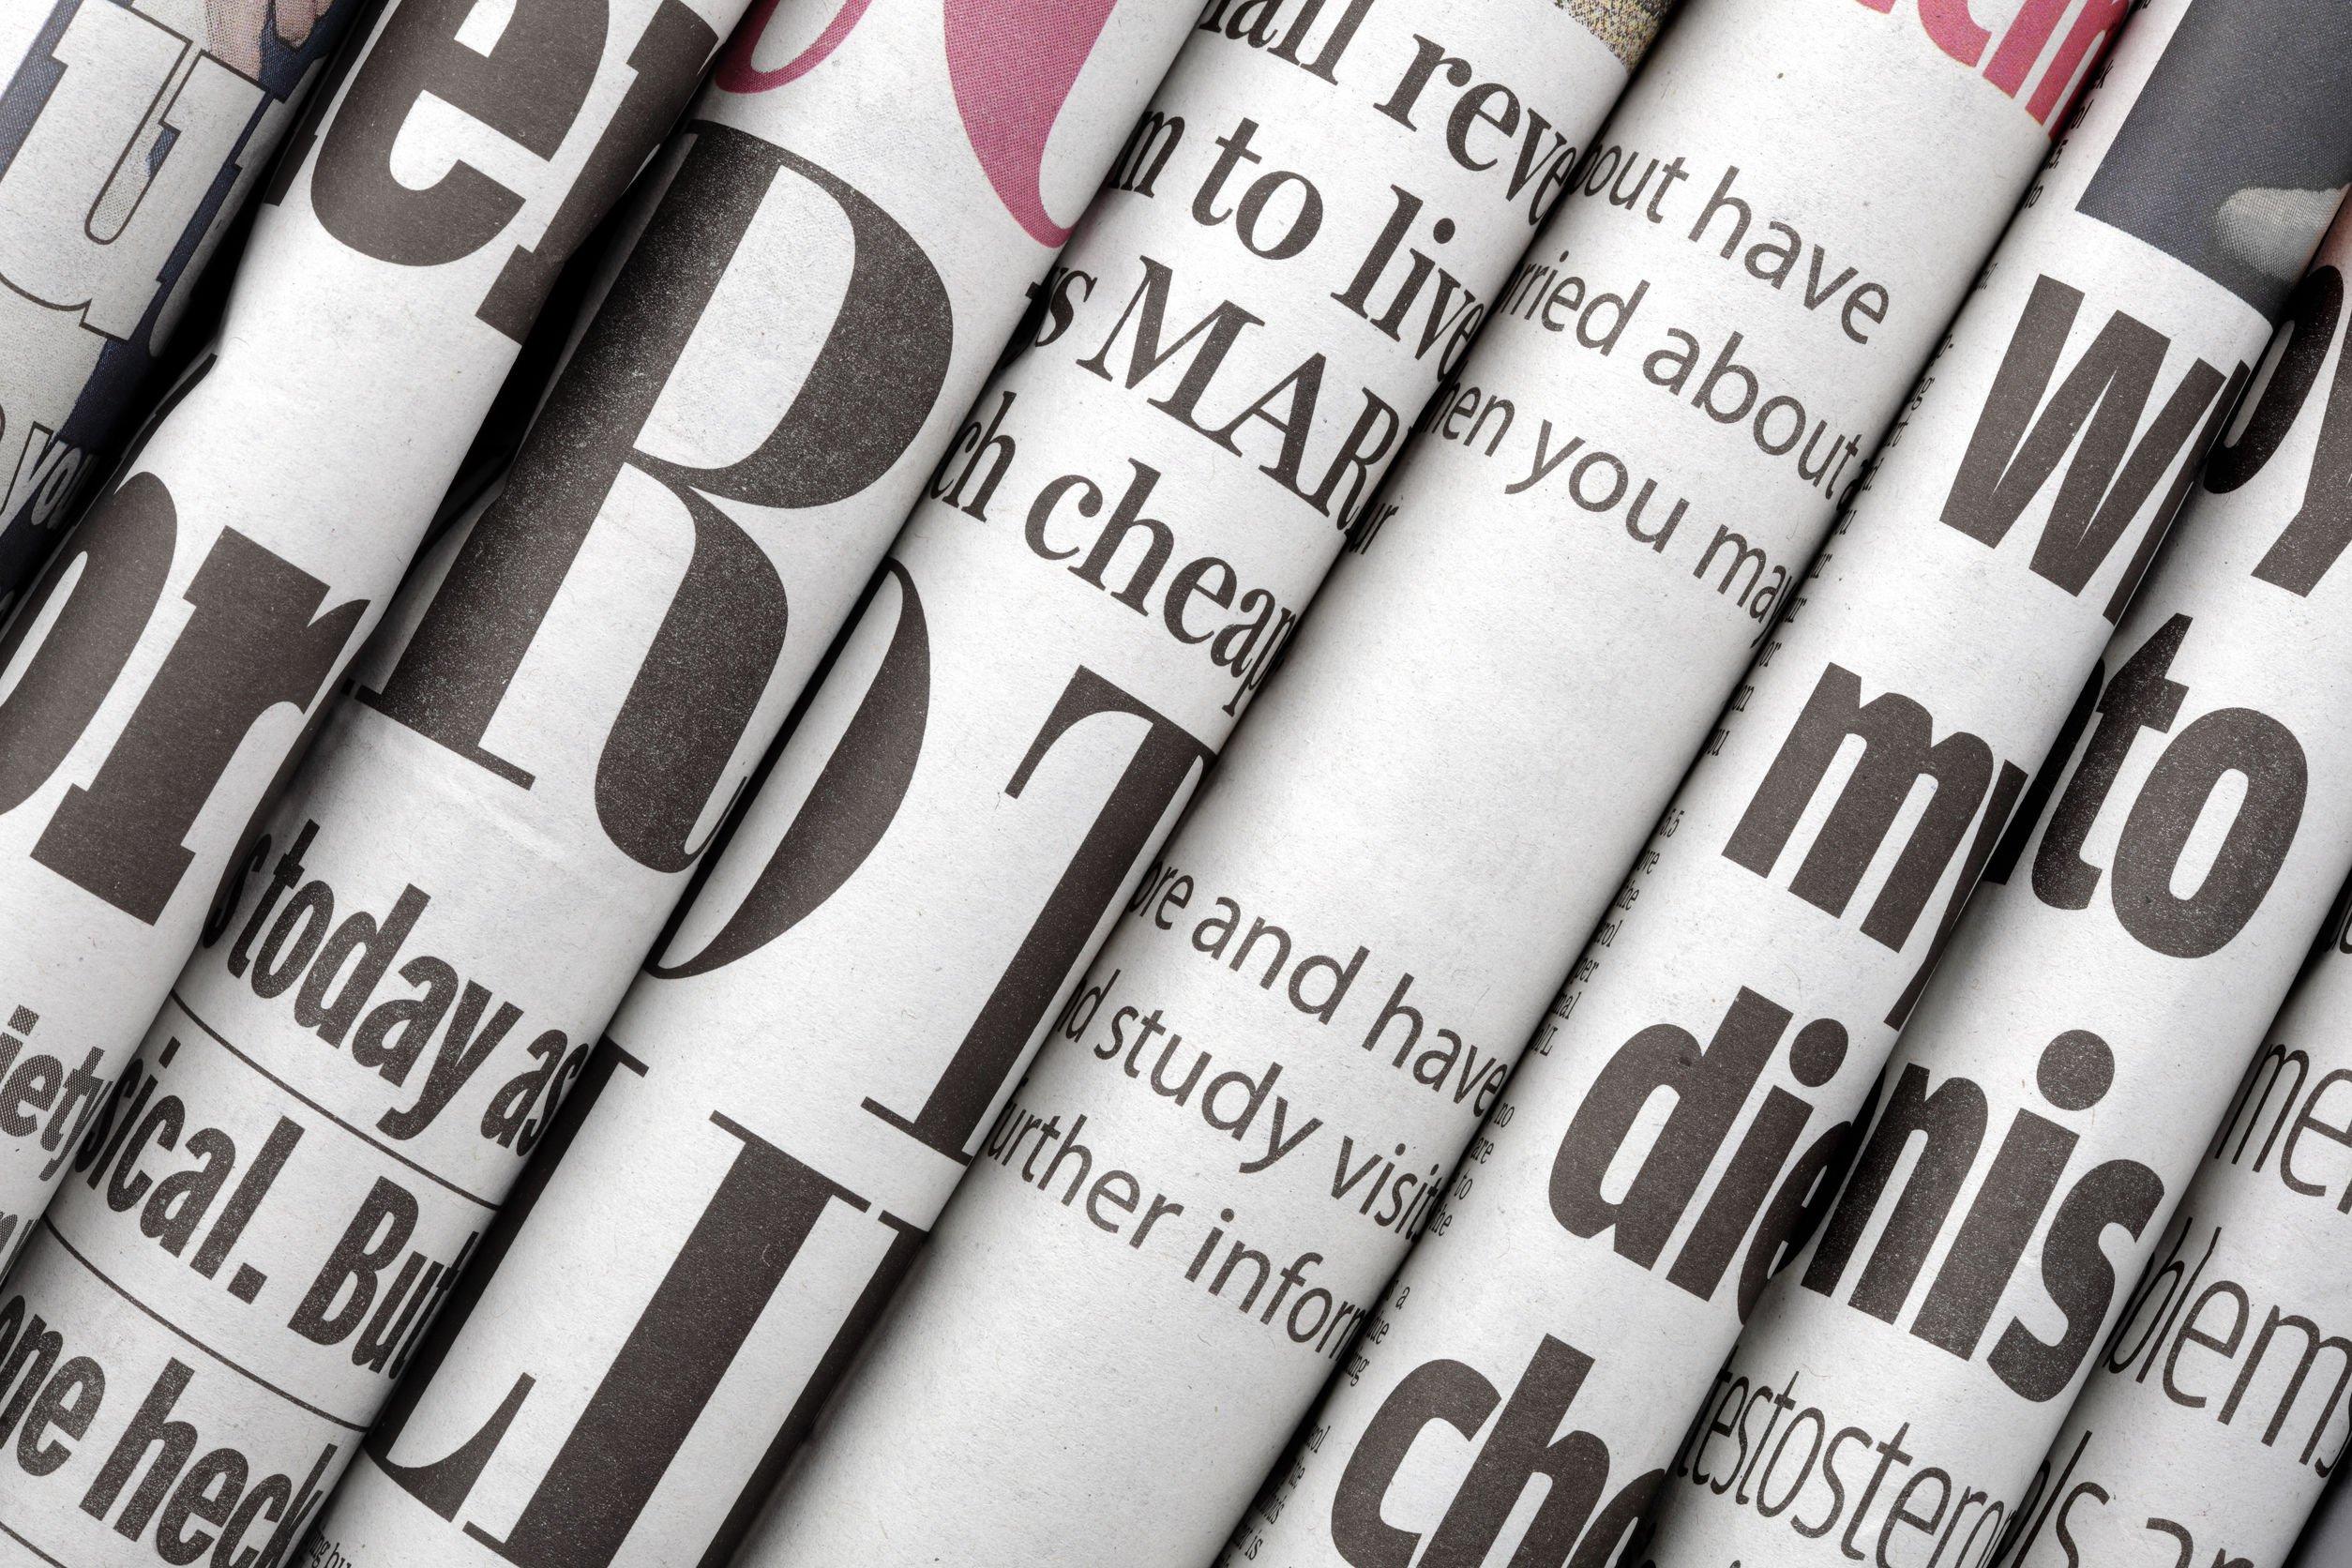 Jornais um ao lado do outro